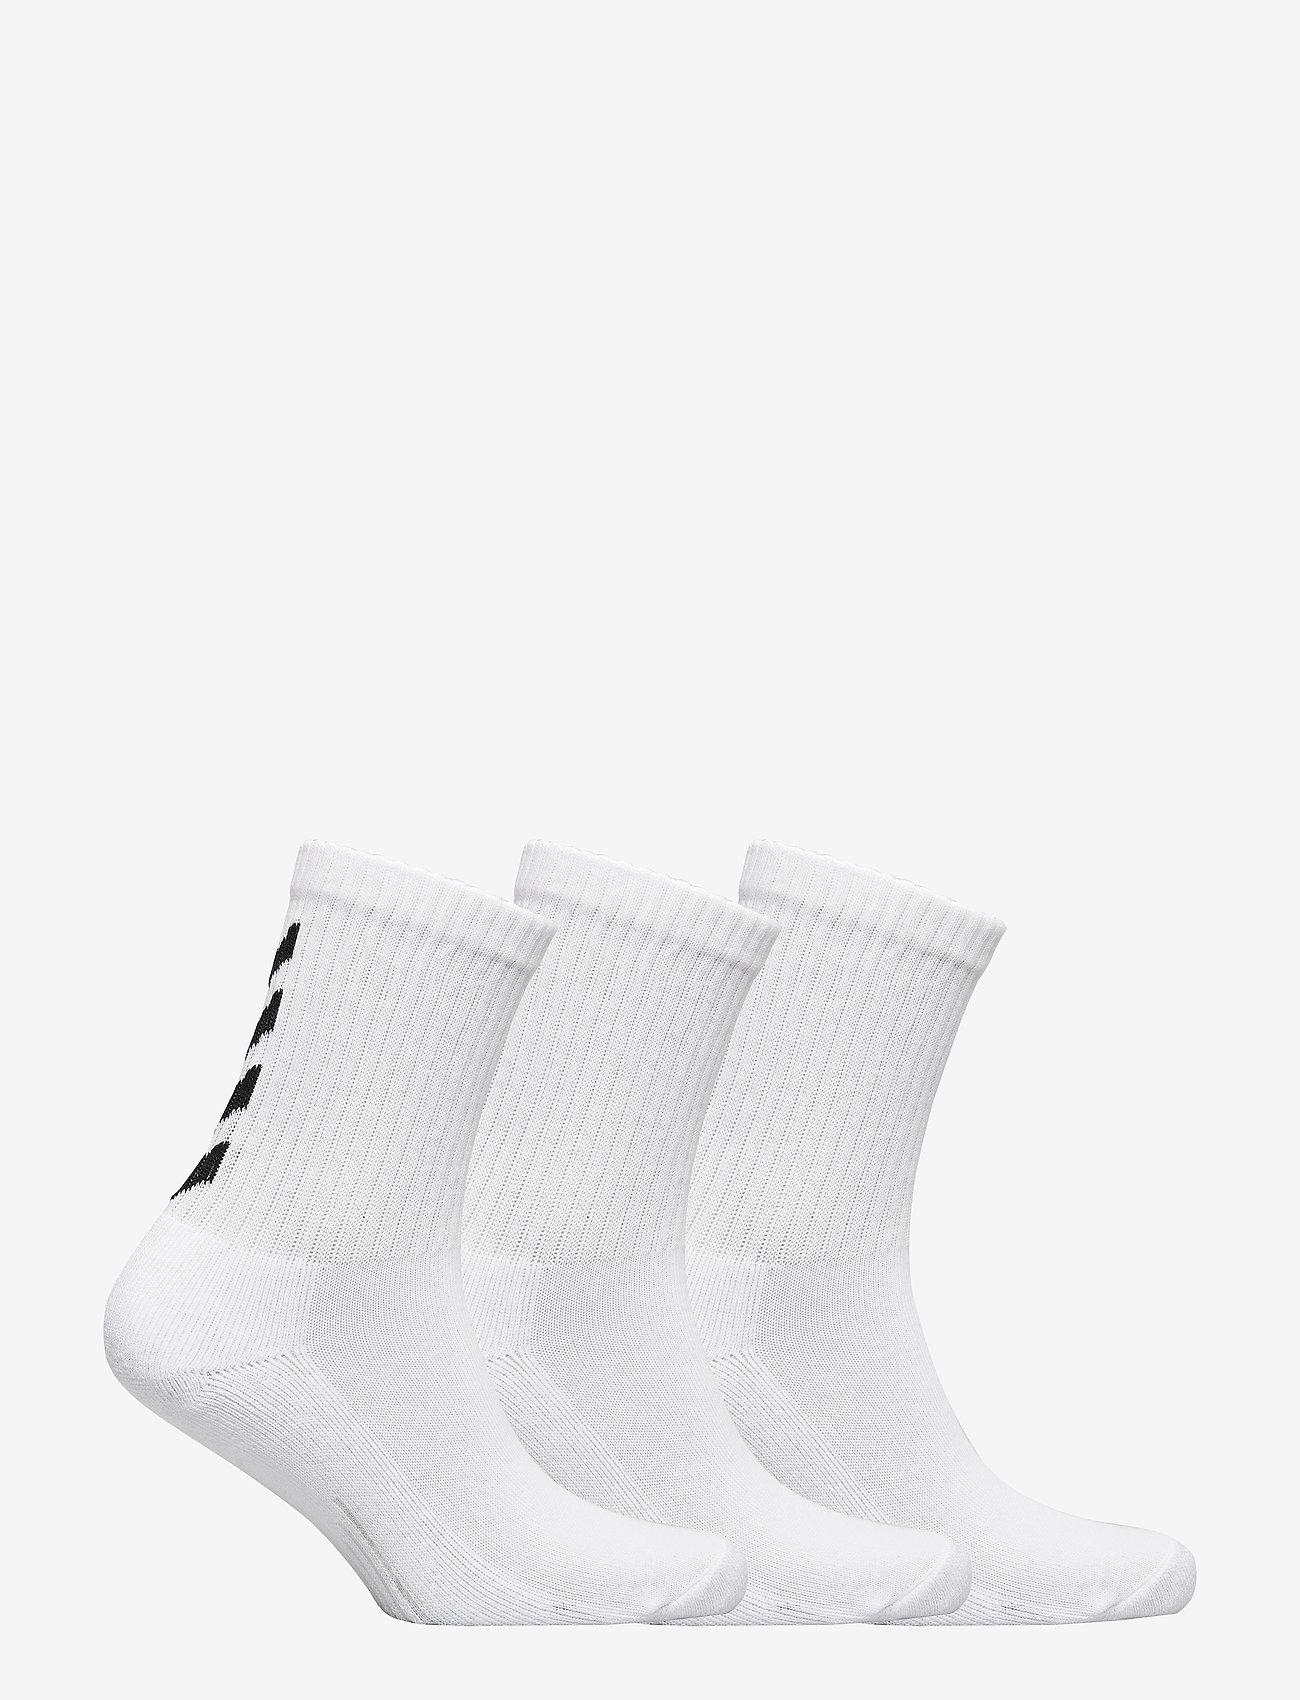 Hummel - FUNDAMENTAL 3-PACK SOCK - sokker - white - 1